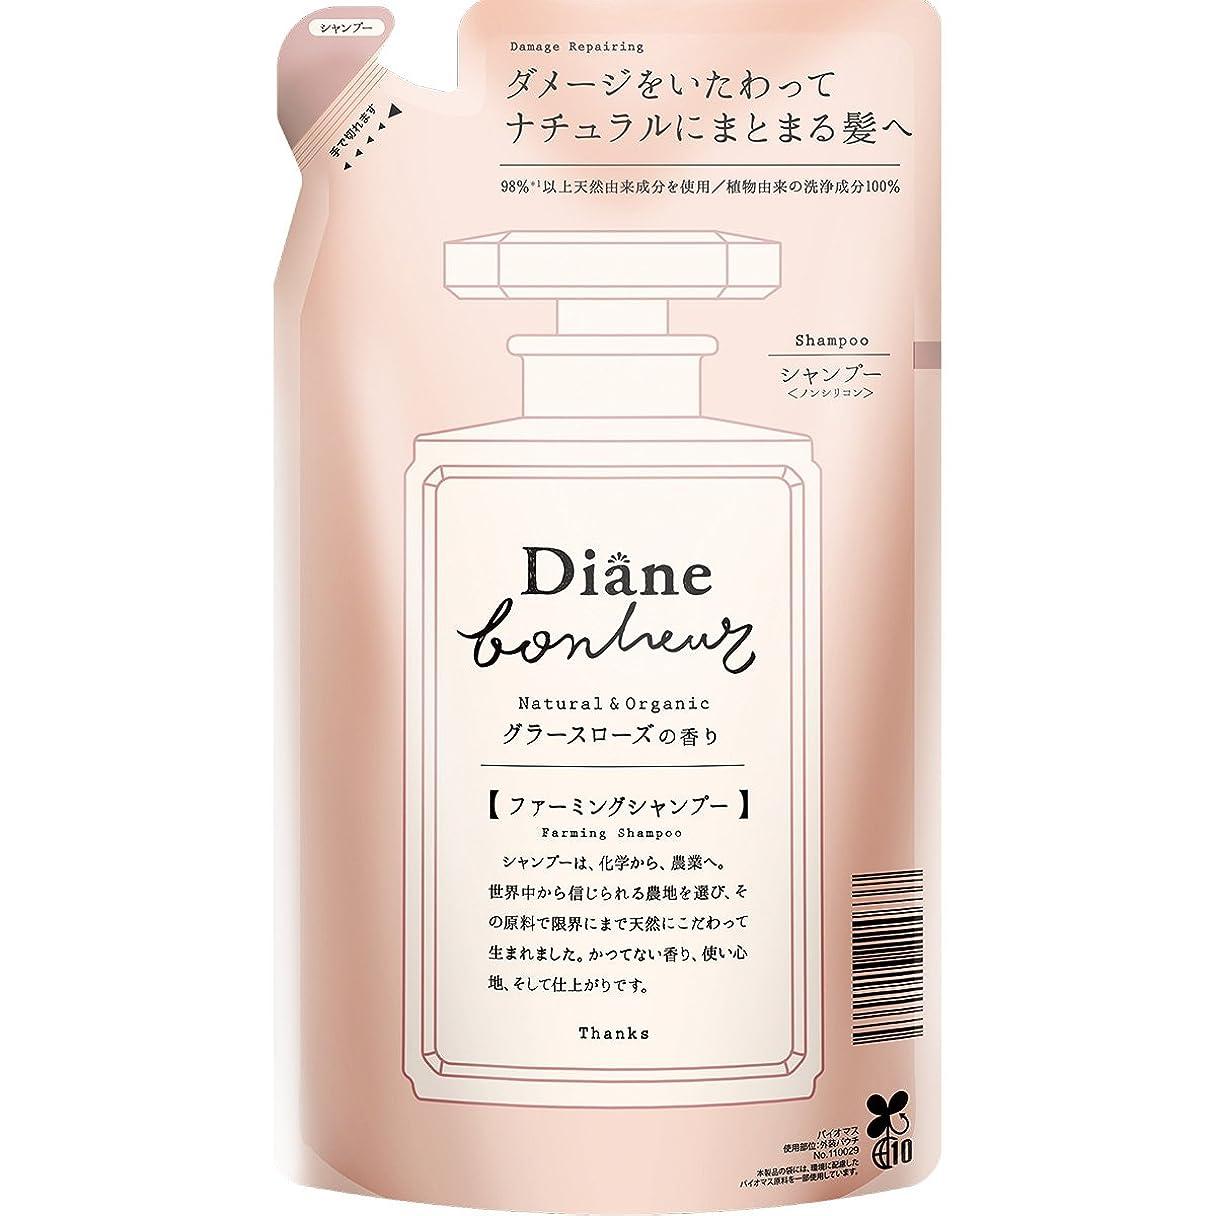 ハイブリッドミュート感性ダイアン ボヌール グラースローズの香り ダメージリペア シャンプー 詰め替え 400ml